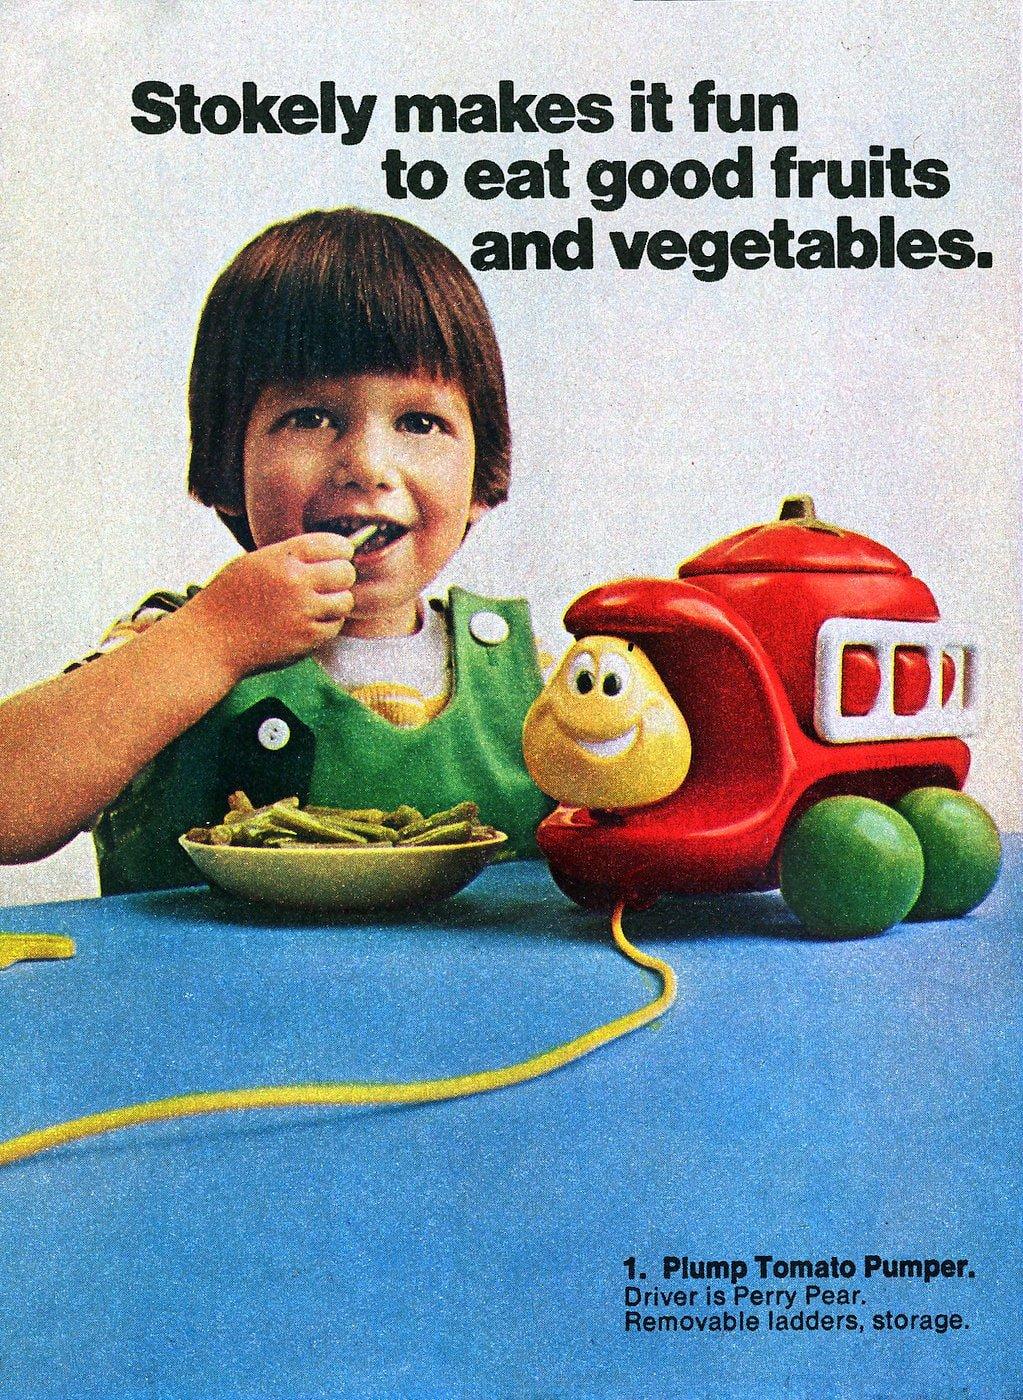 Vintage Tonka Toddler toys - Plump Tomato Pumper (1972)